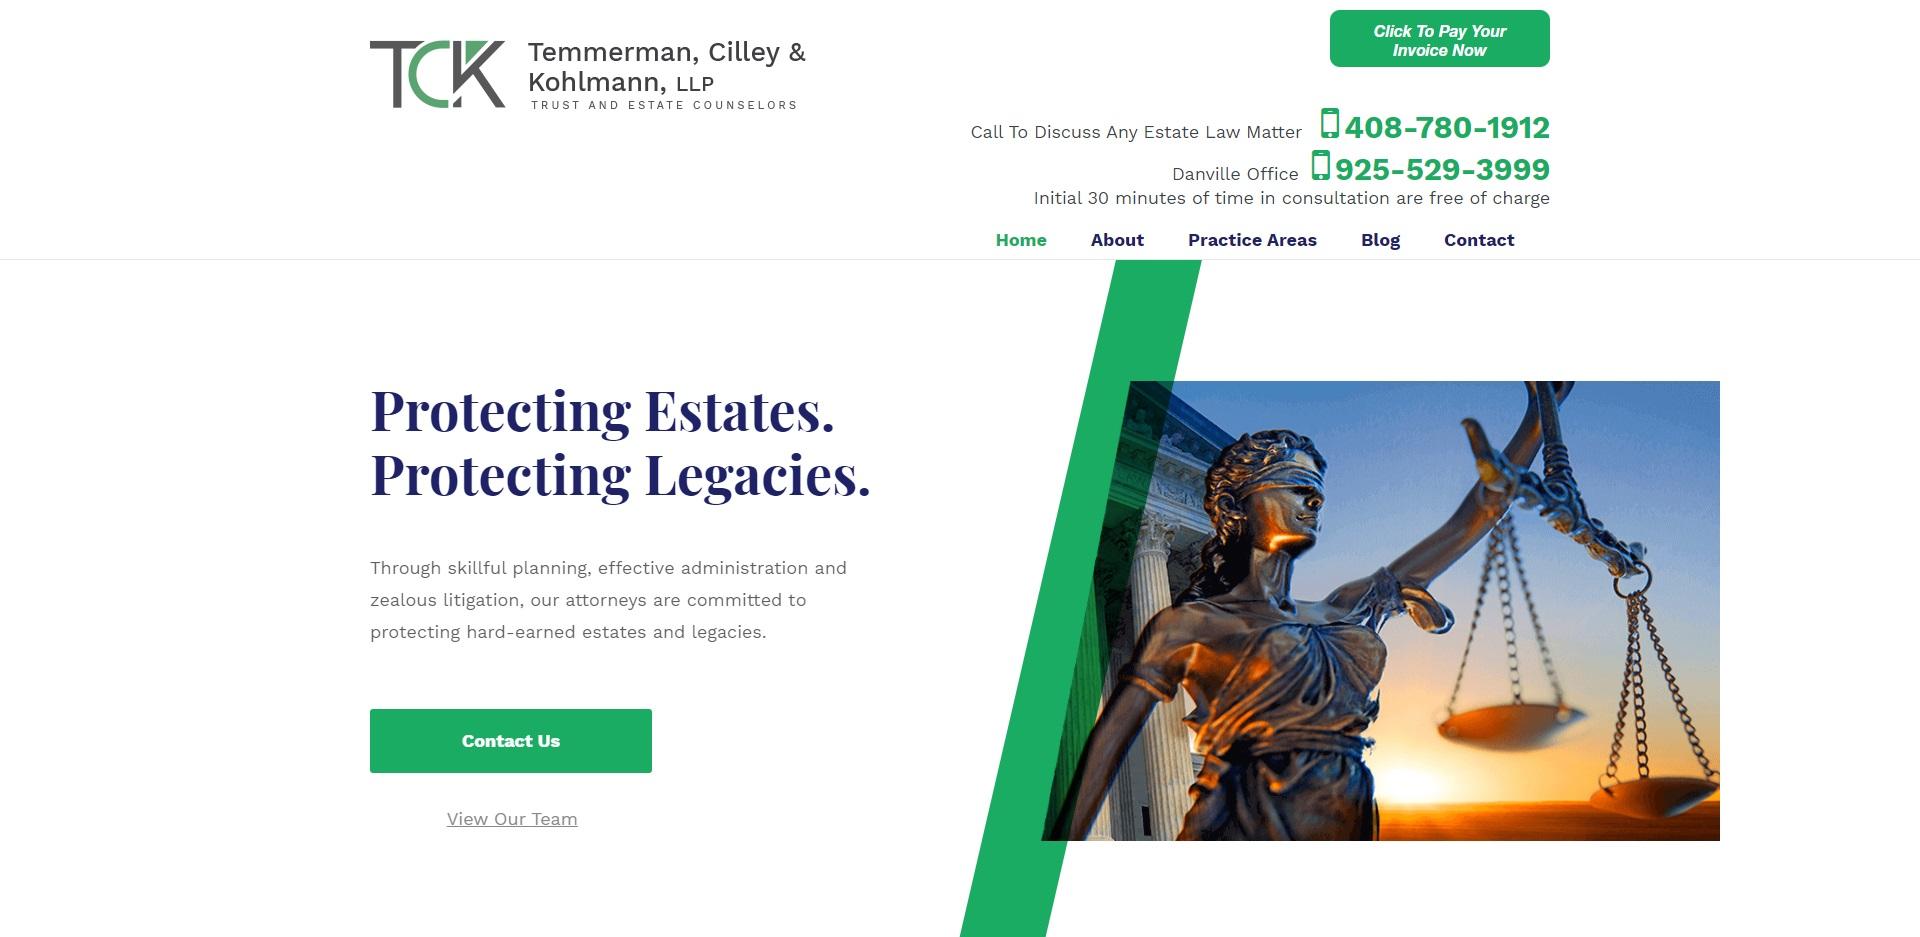 Best Estate Planning Attorneys in San Jose, CA